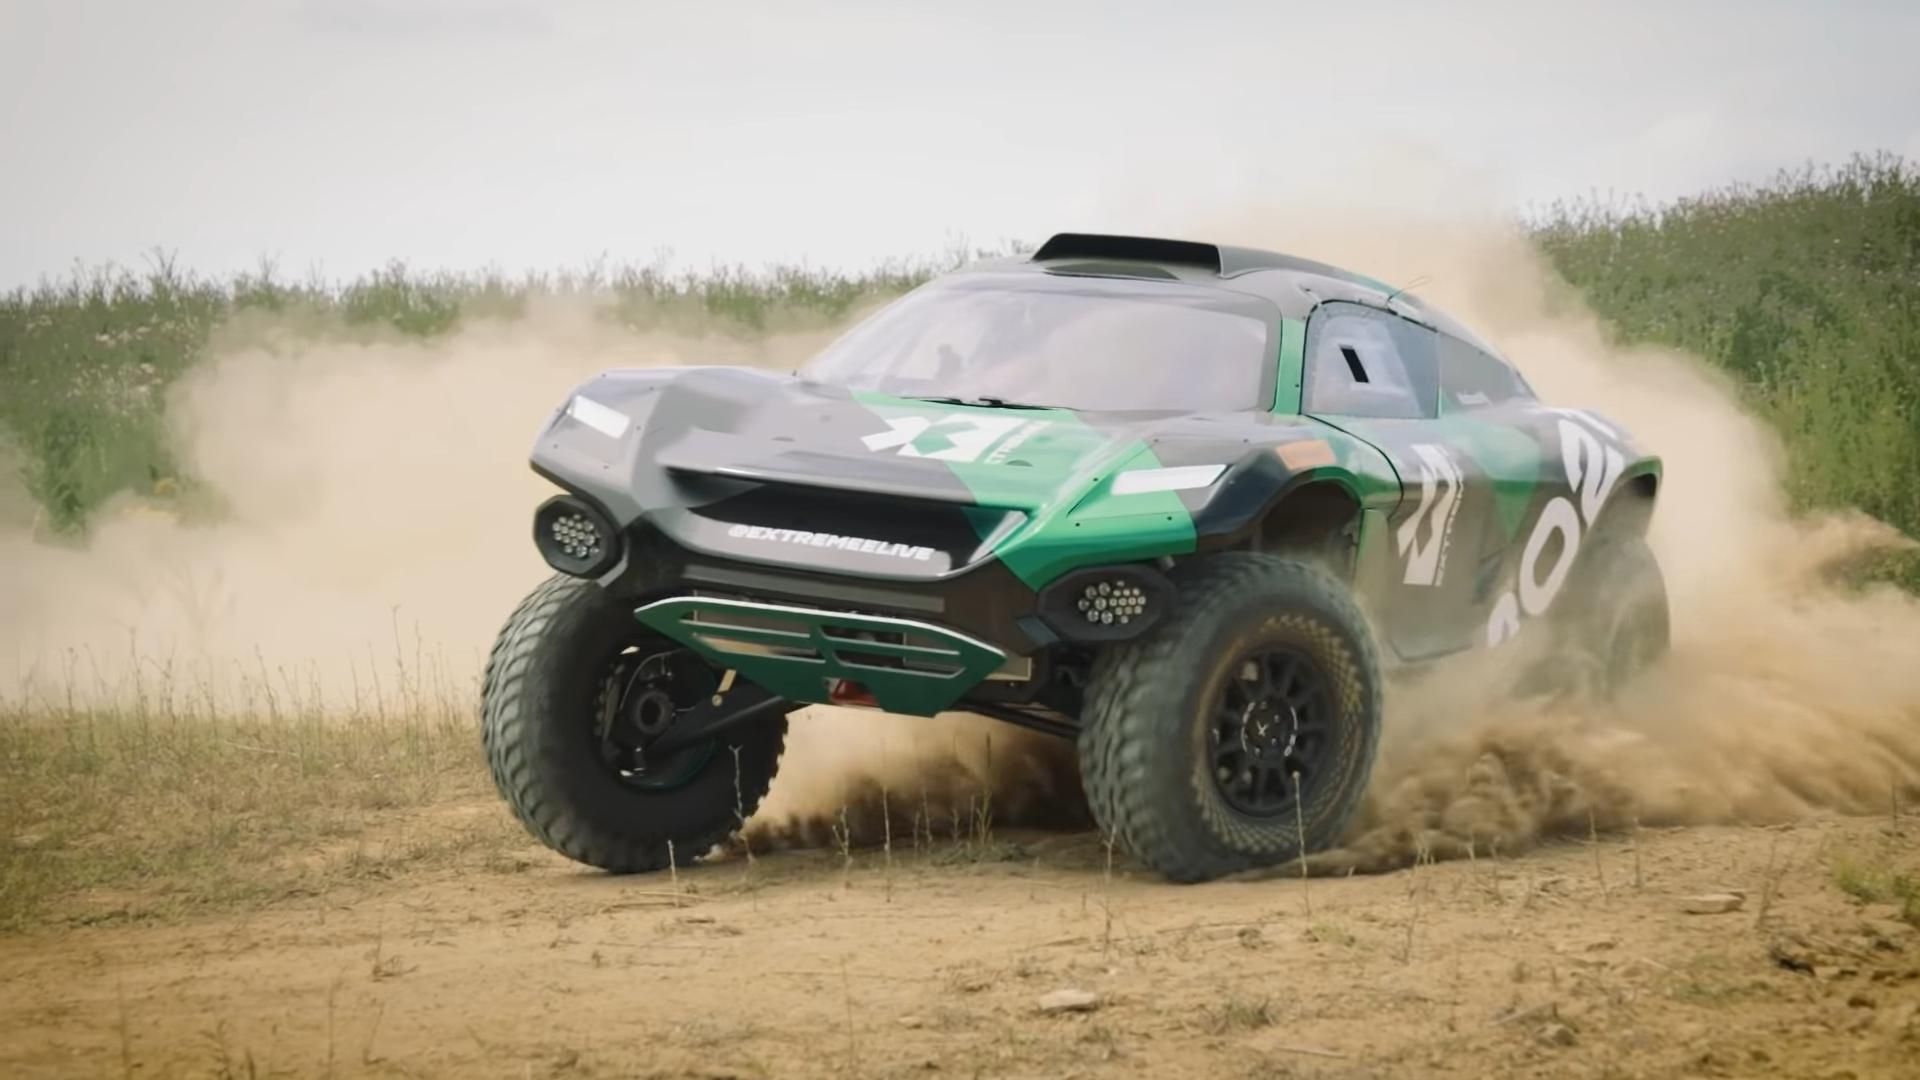 一场颠覆性的越野电动车赛事 唤醒世界的环境保护意识